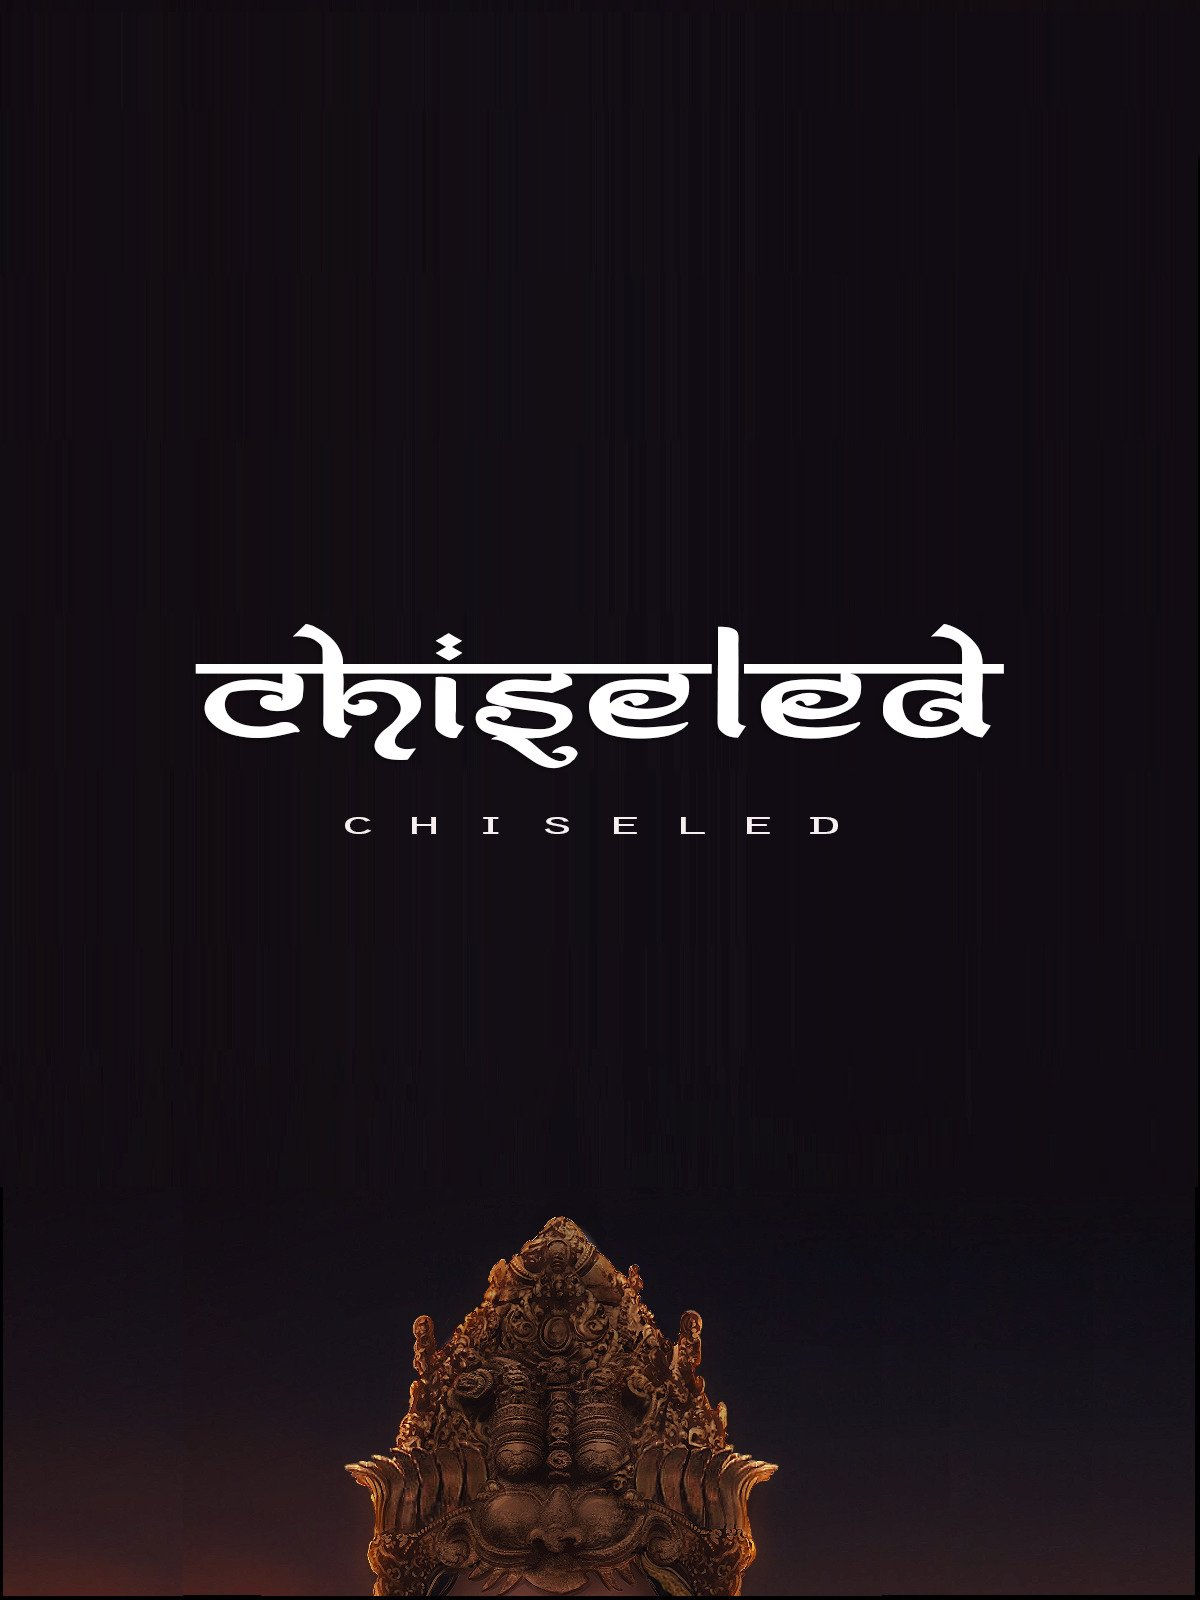 Chiseled